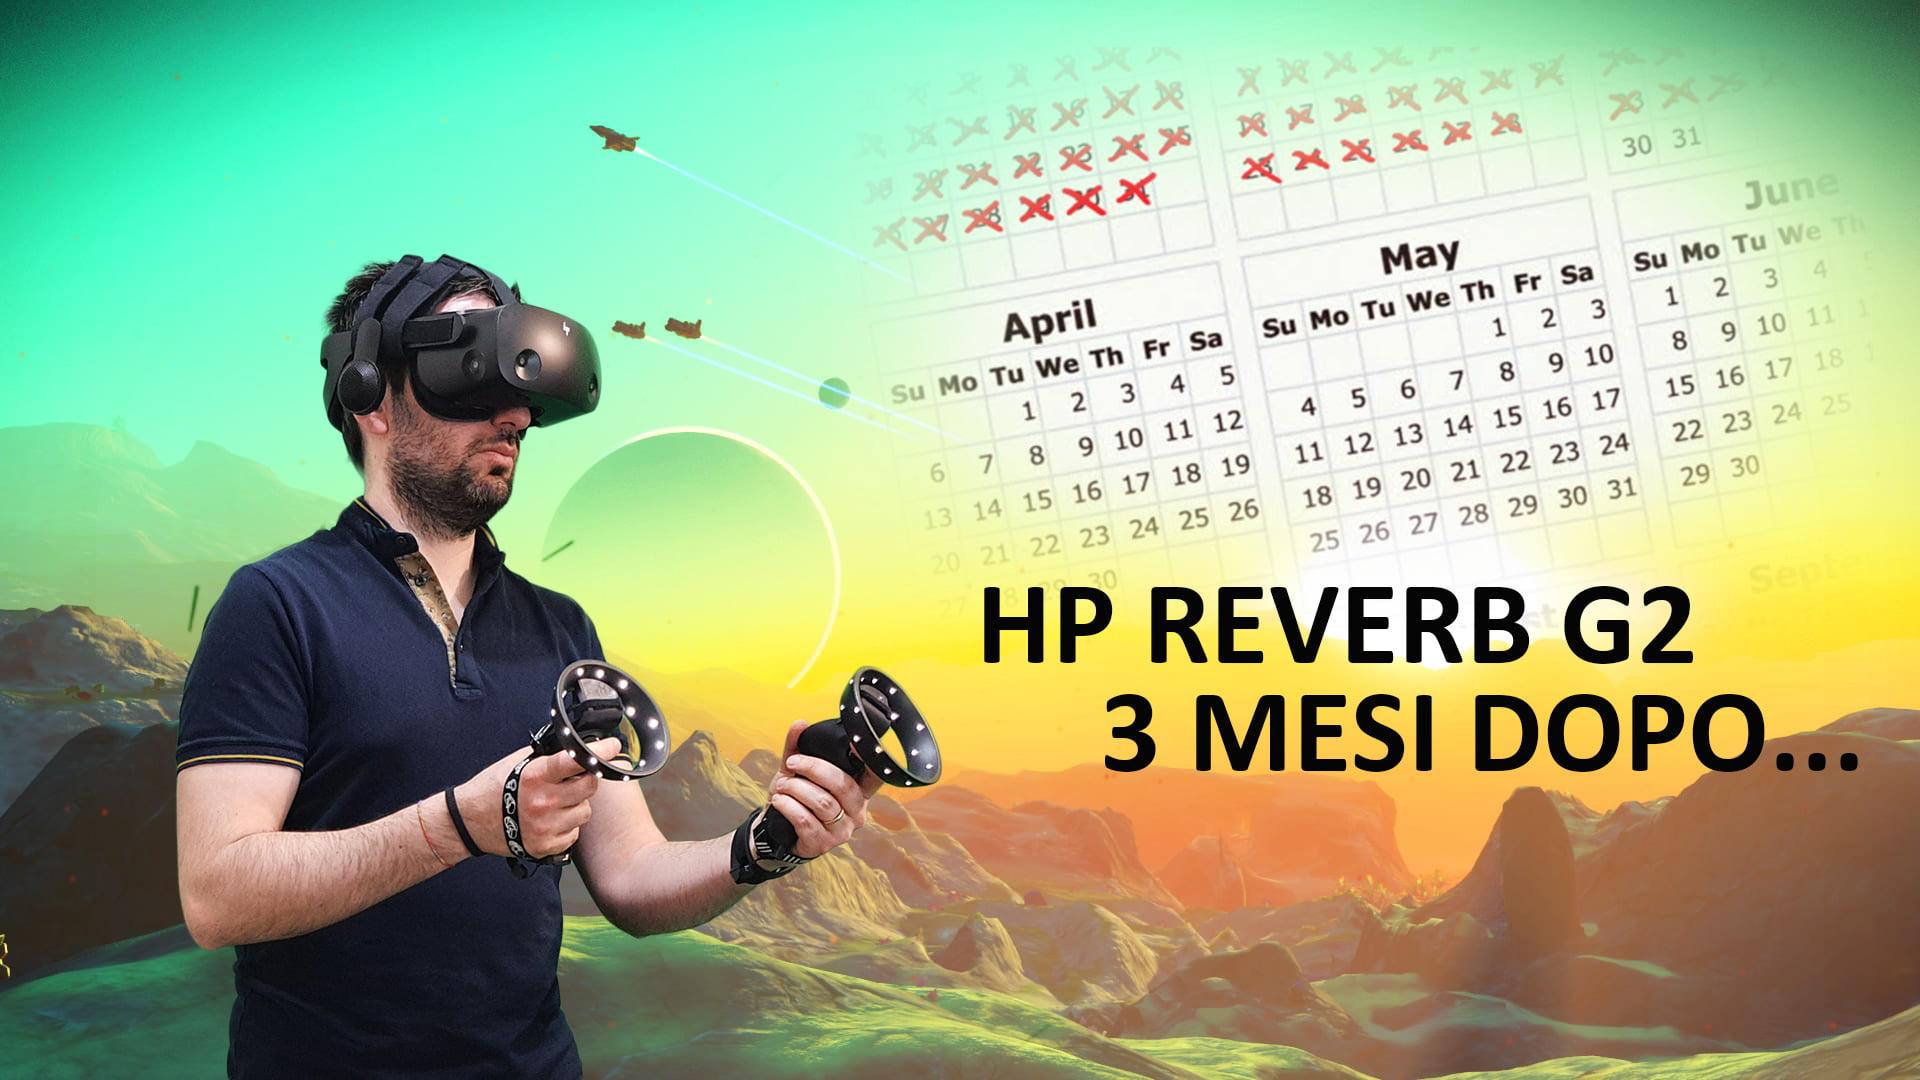 HP Reverb G2, il verdetto dopo 3 mesi di utilizzo